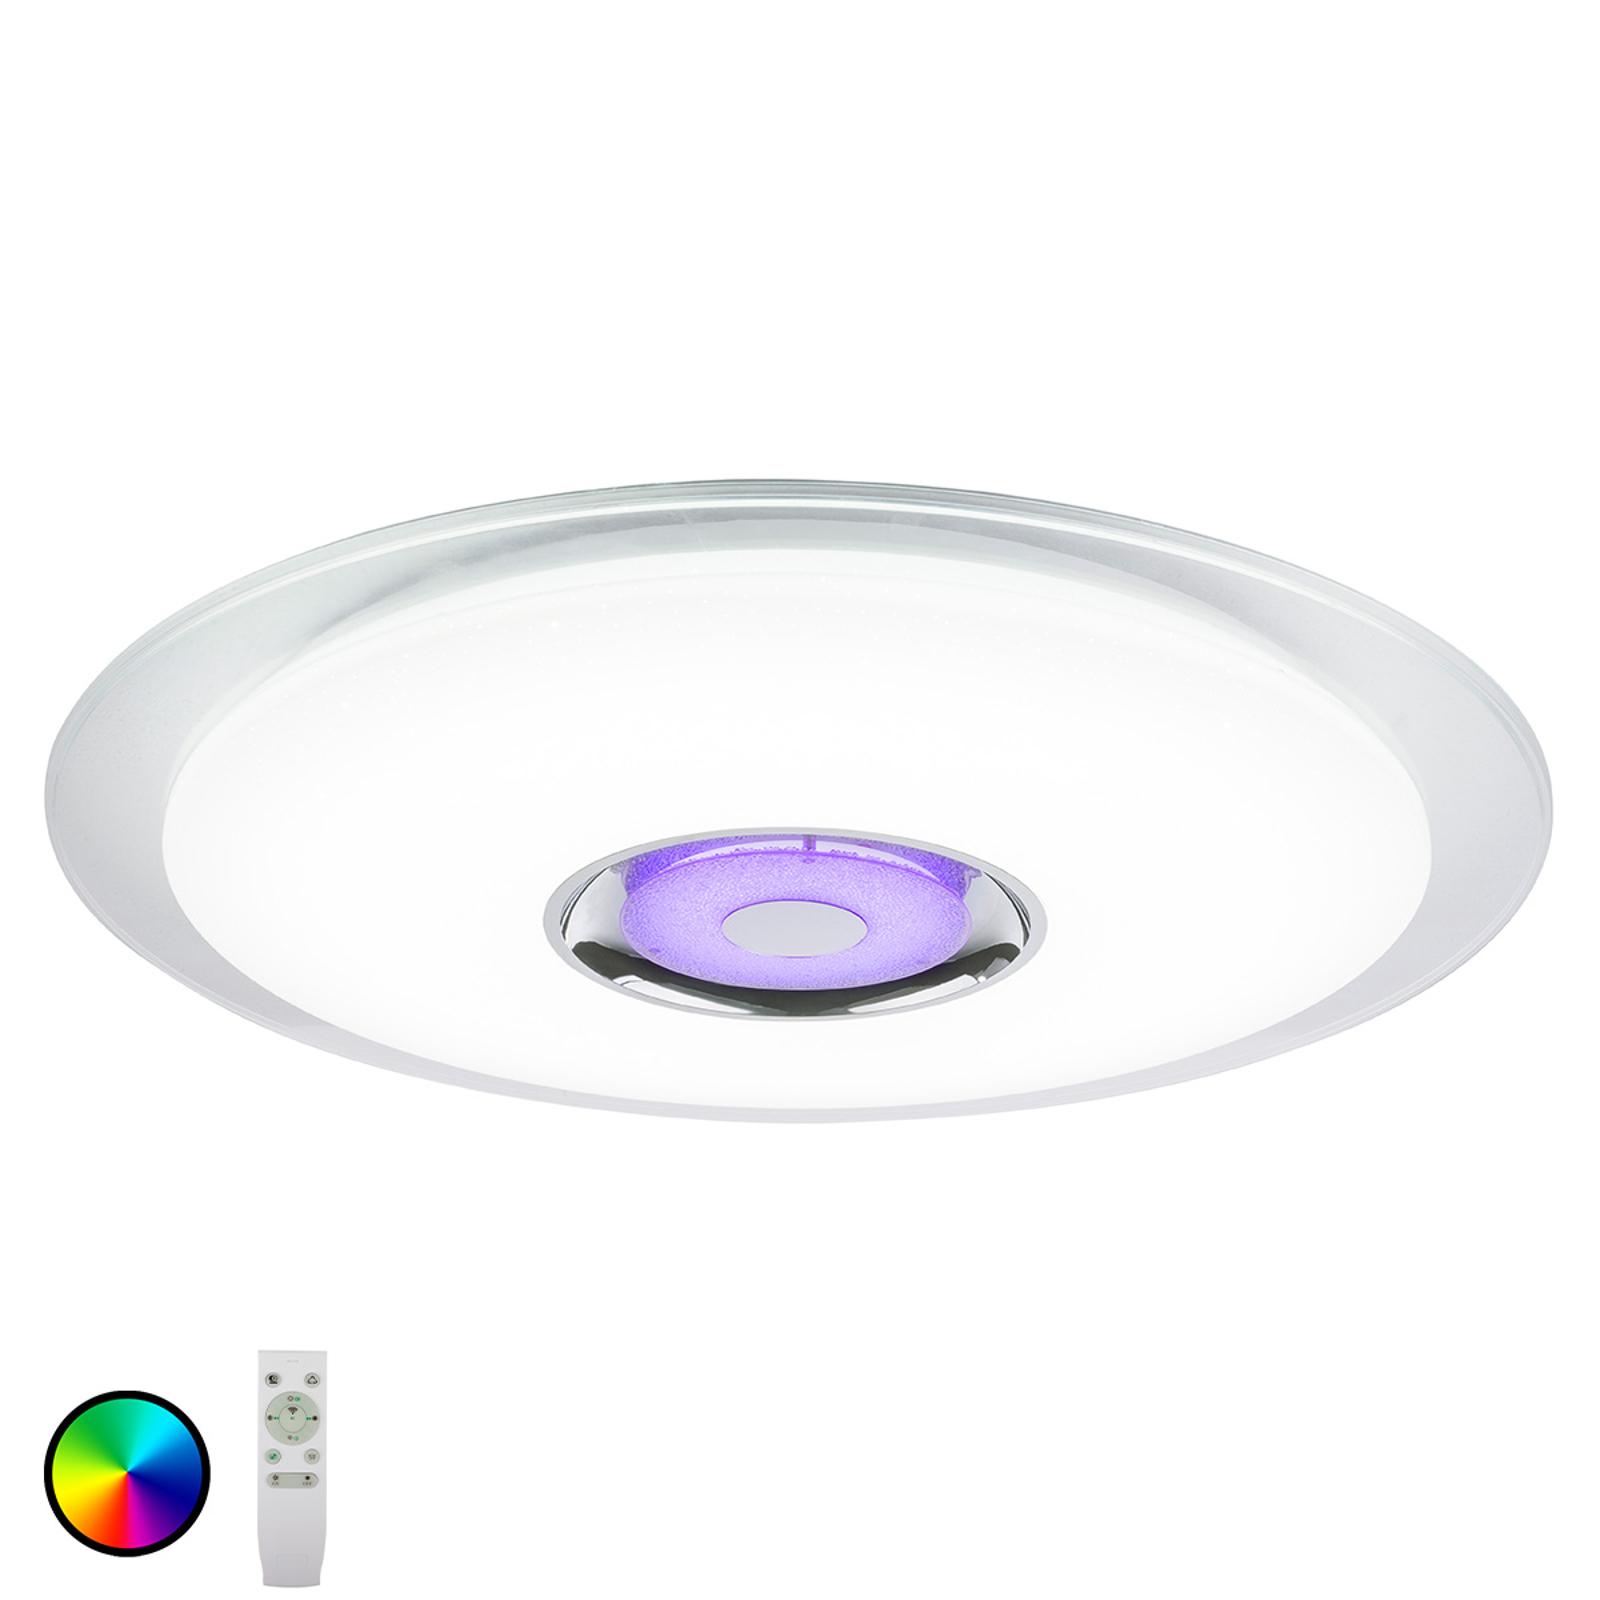 Lampa sufitowa LED Tune RGB z głośnikiem Ø 60